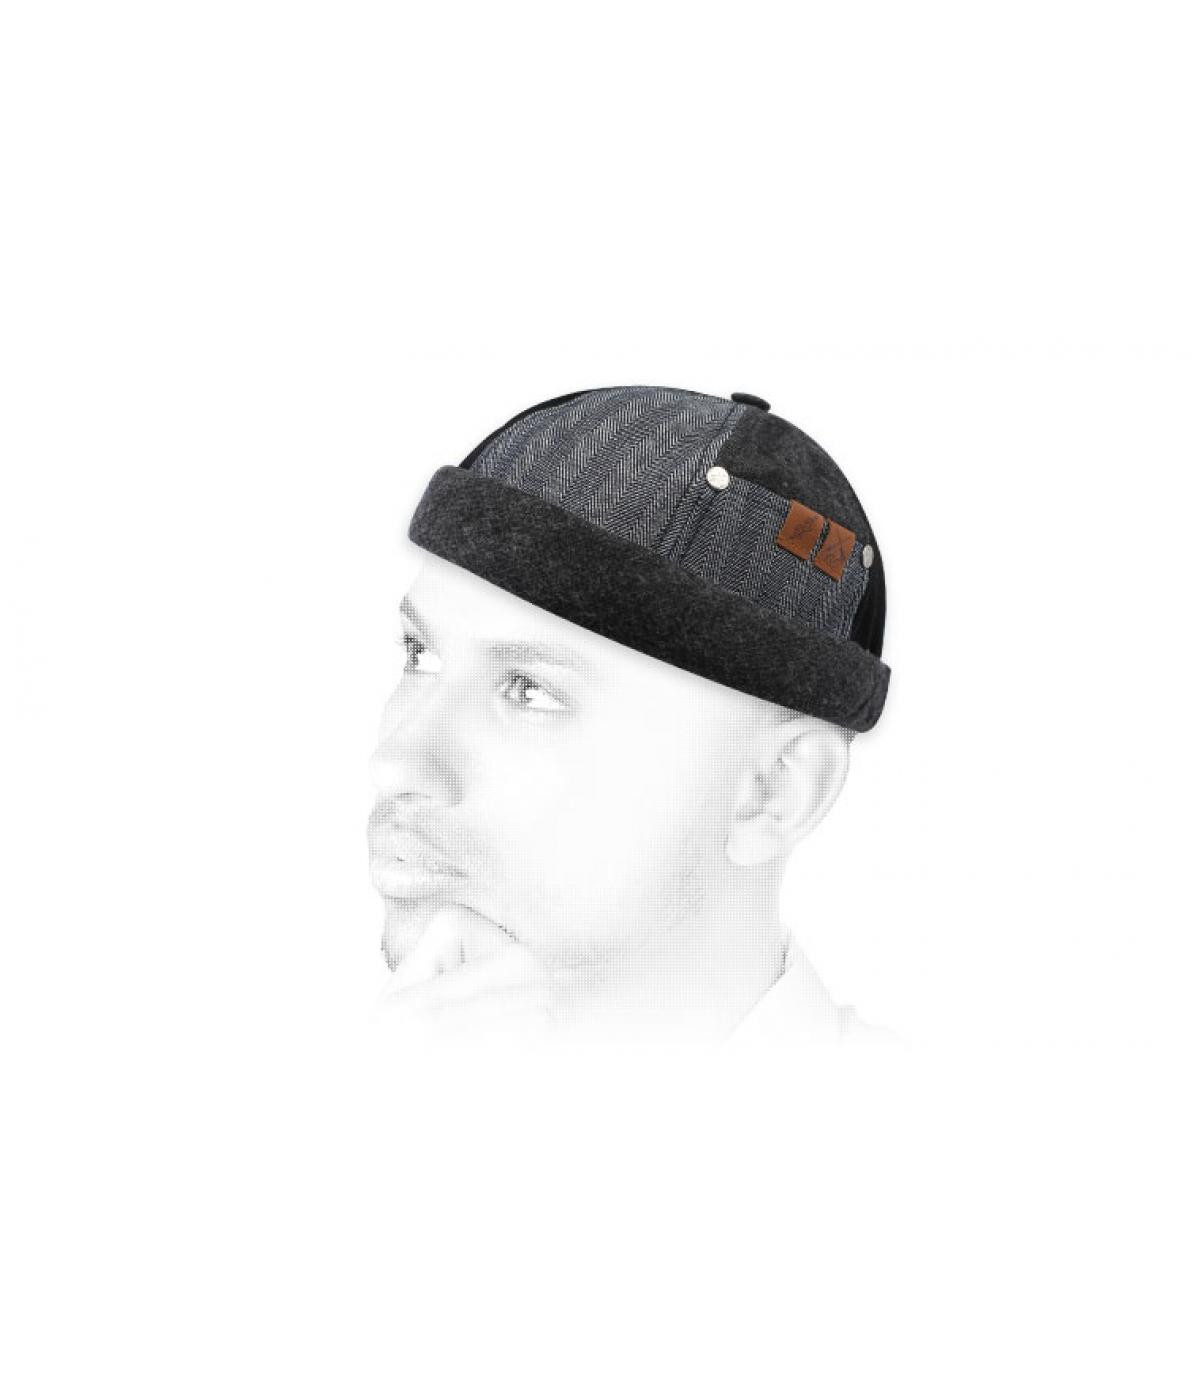 Miki gris negro franela